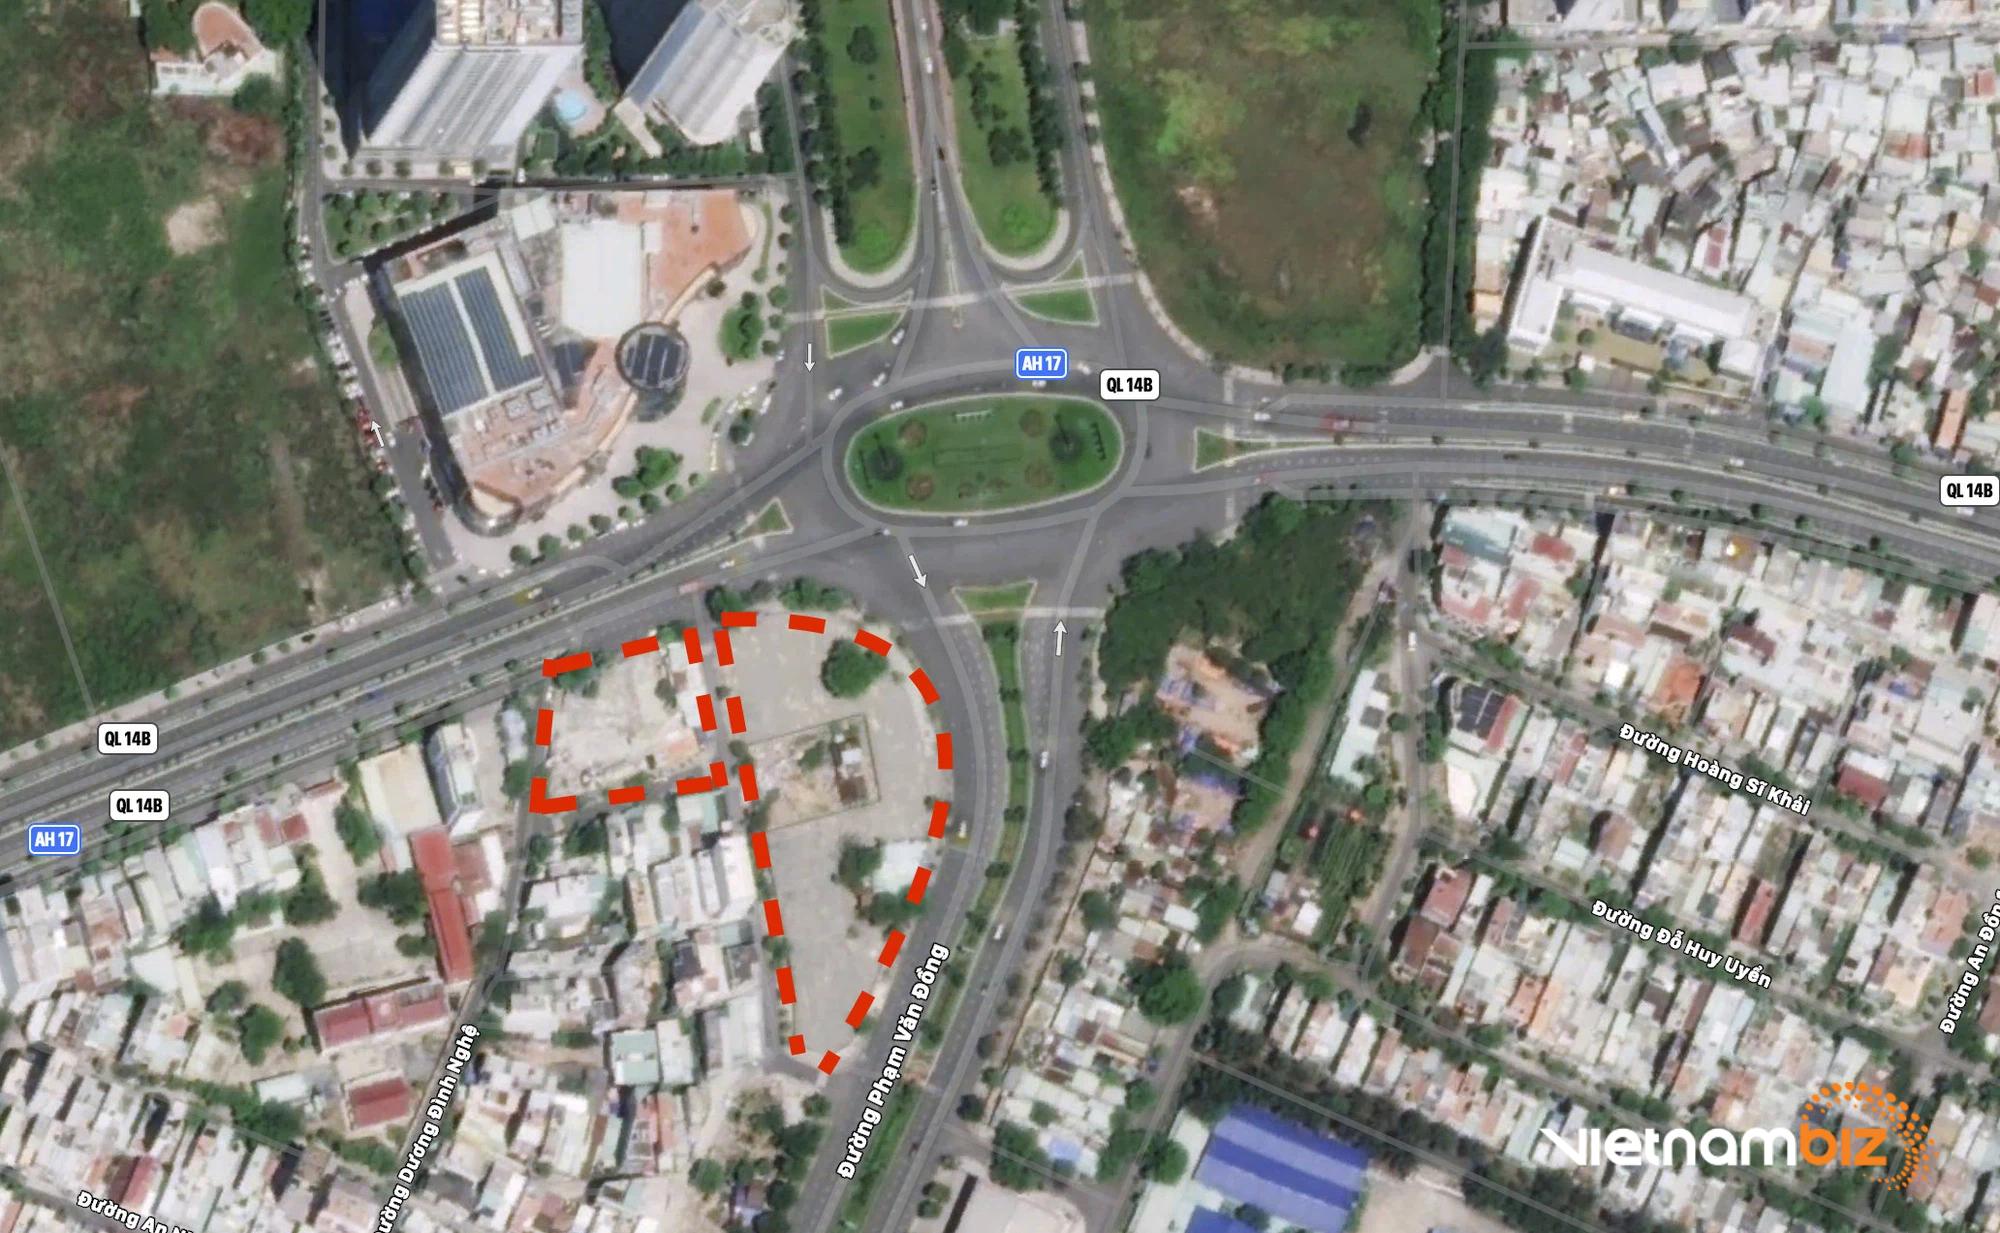 Cận cảnh hai khu đất sát Vincom Đà Nẵng sẽ đấu giá làm bãi đỗ xe - Ảnh 1.